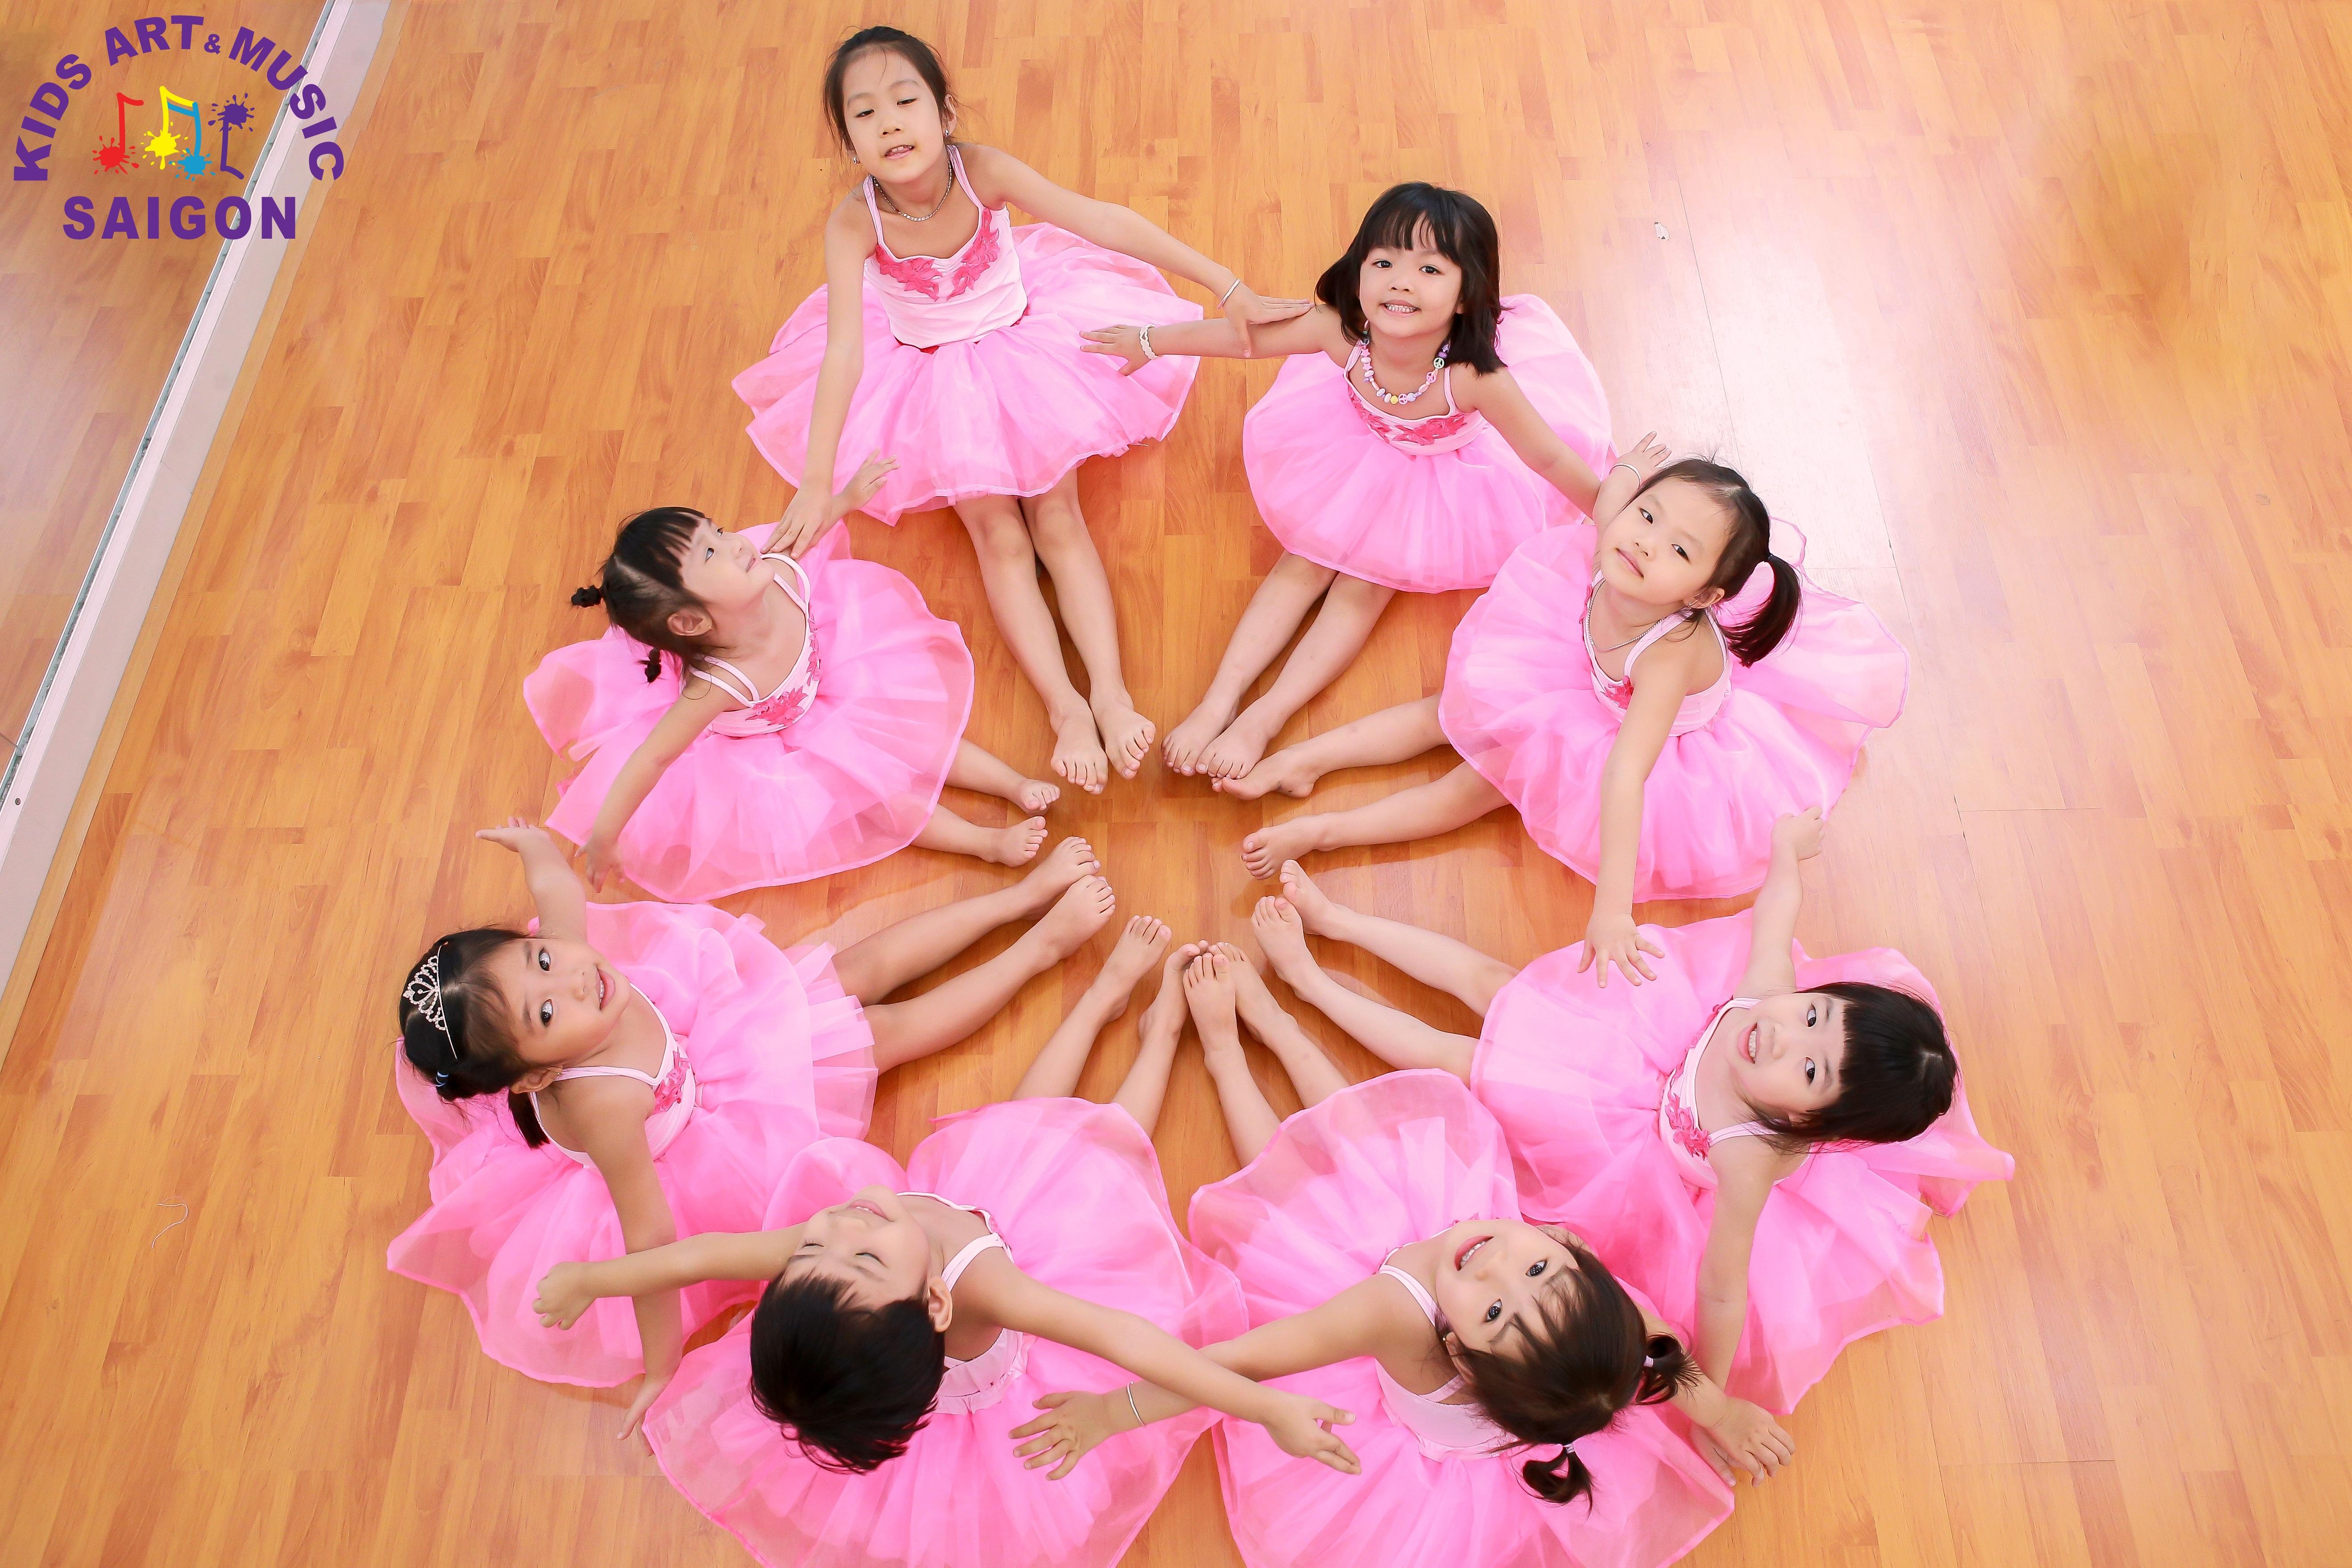 Tham gia lớp dạy múa thiếu nhi – ươm mầm tài năng cho bé ảnh 1